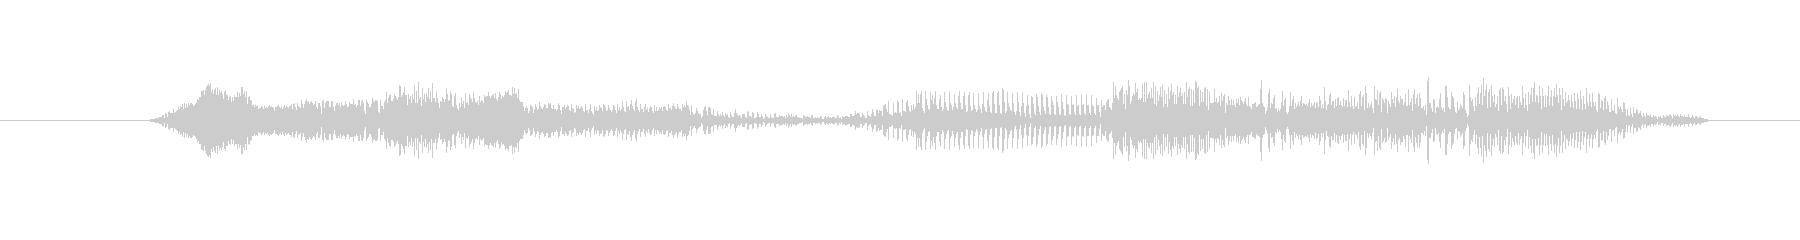 鳴き声 男性の悲鳴の深い痛み11の未再生の波形